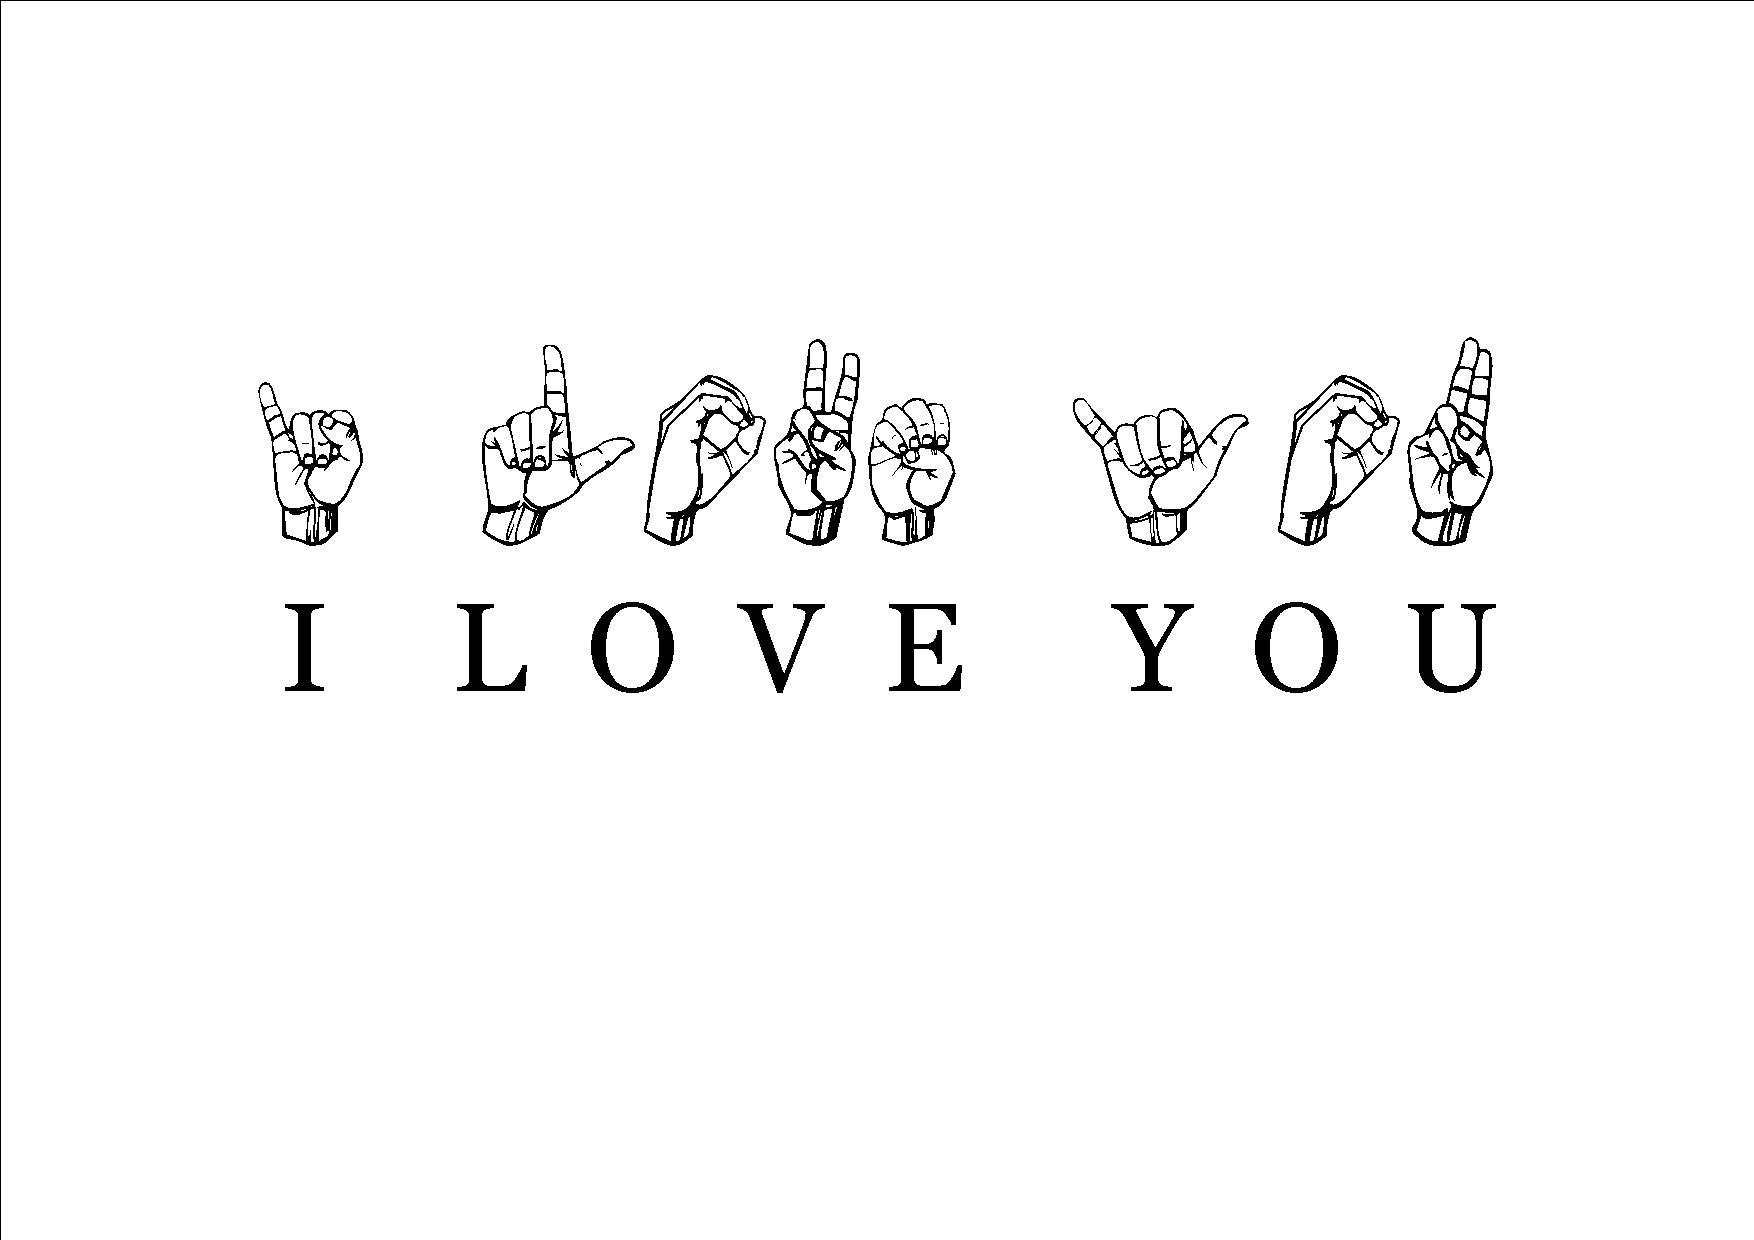 I love you, teckenspråk